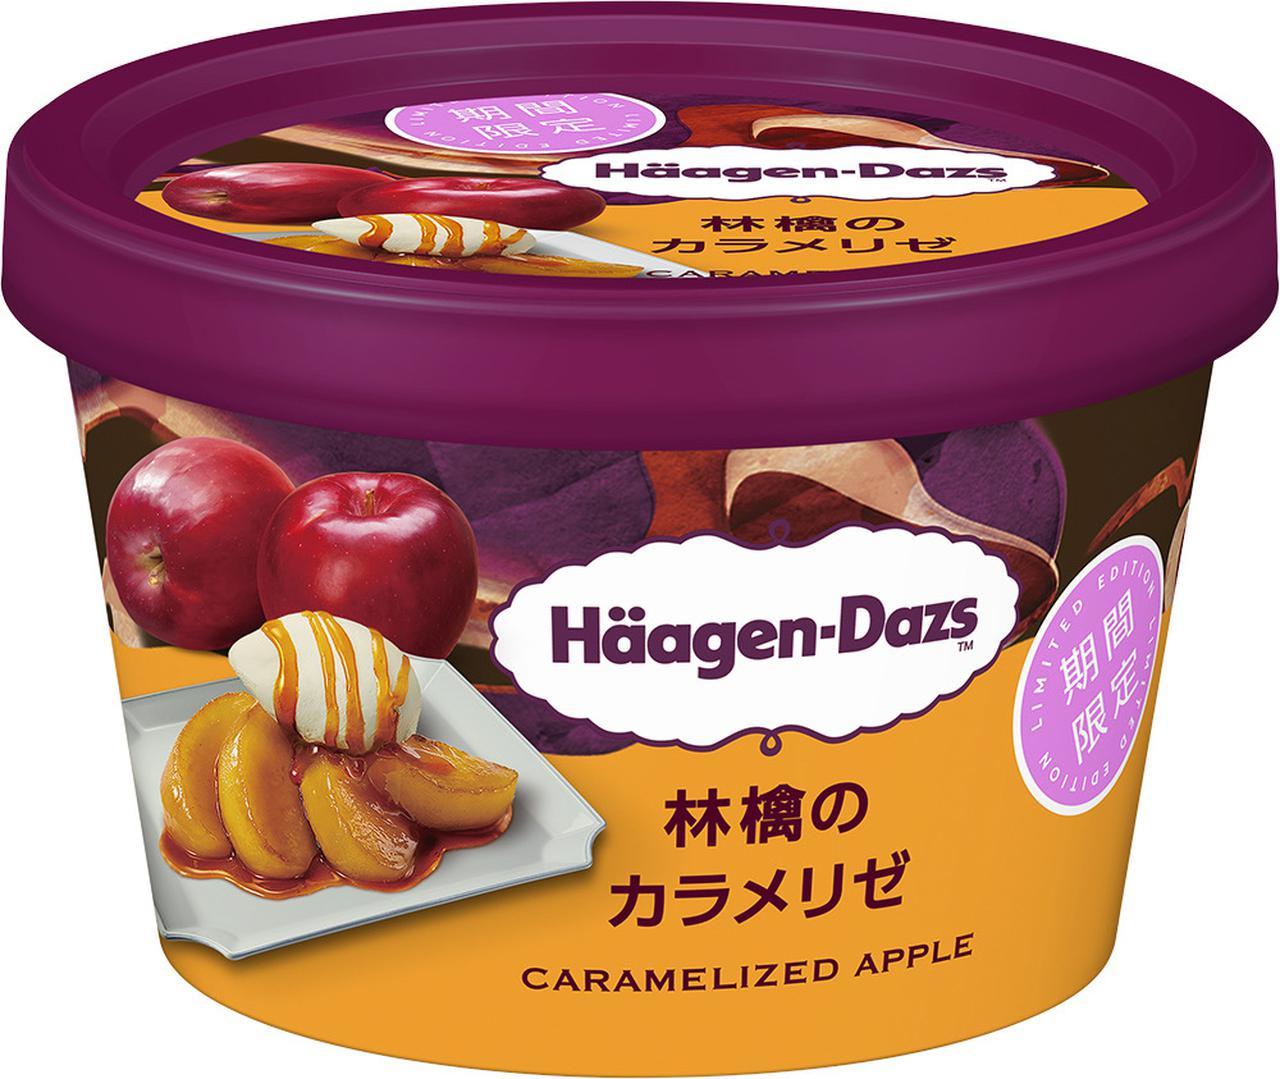 画像1: 【試食レポ】「ハーゲンダッツ」のミニカップ『林檎のカラメリゼ』新登場♡